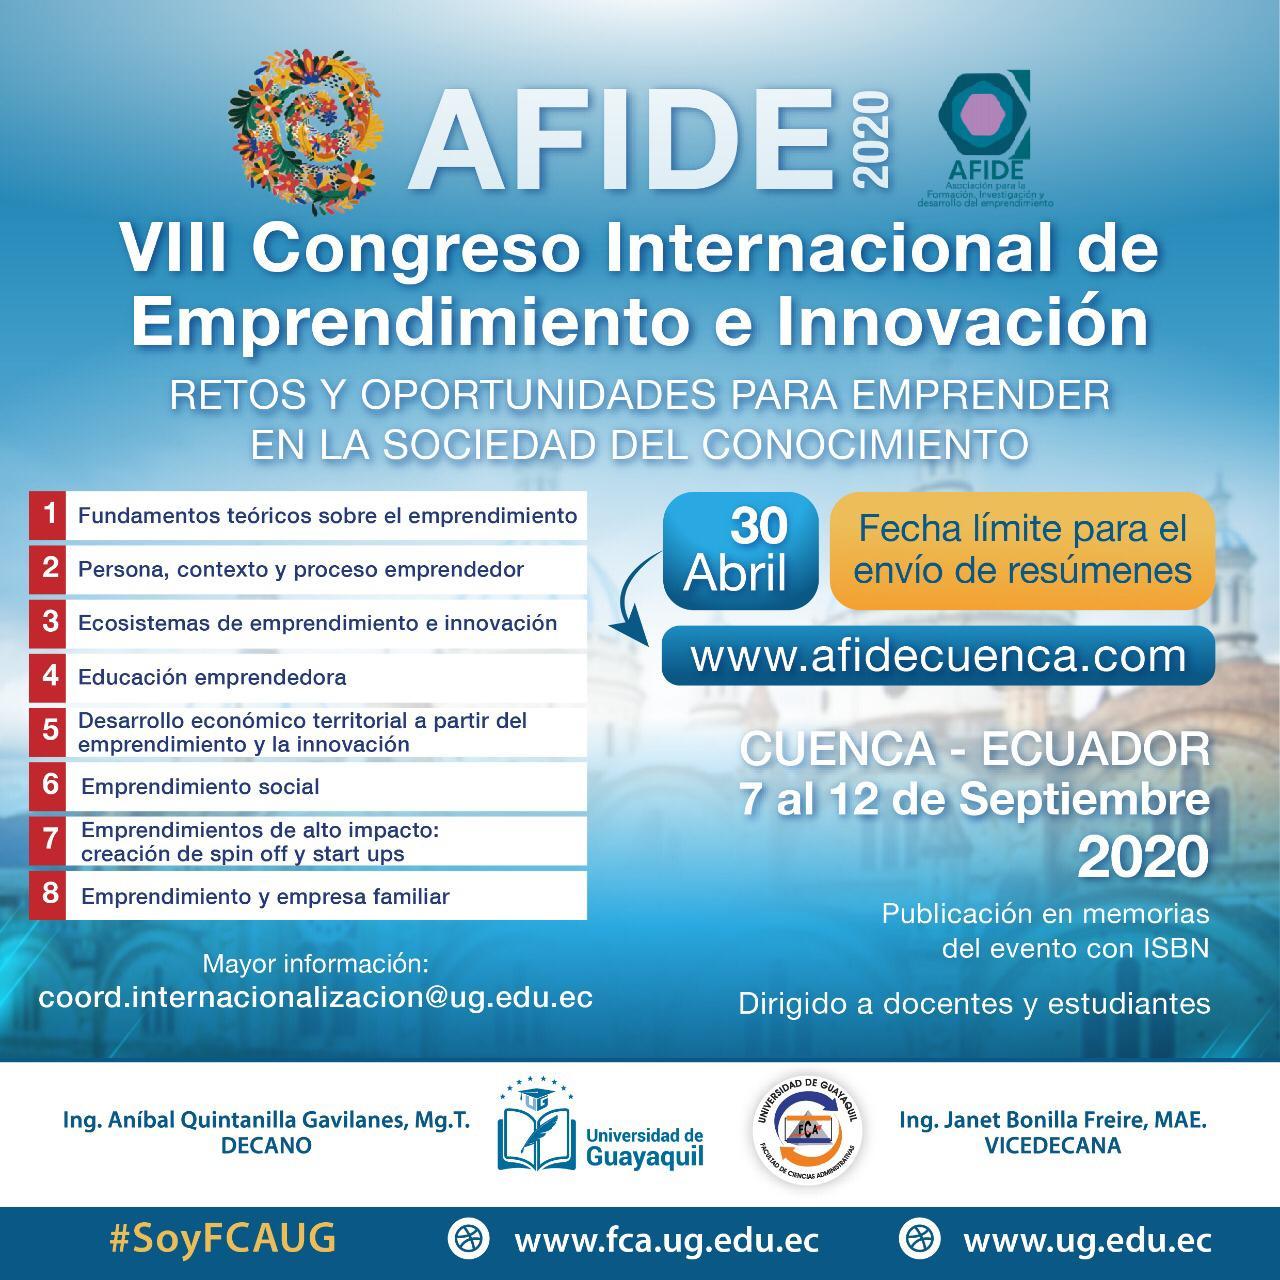 AFIDE 2020, VIII Congreso internacional de Emprendimiento e Innovación